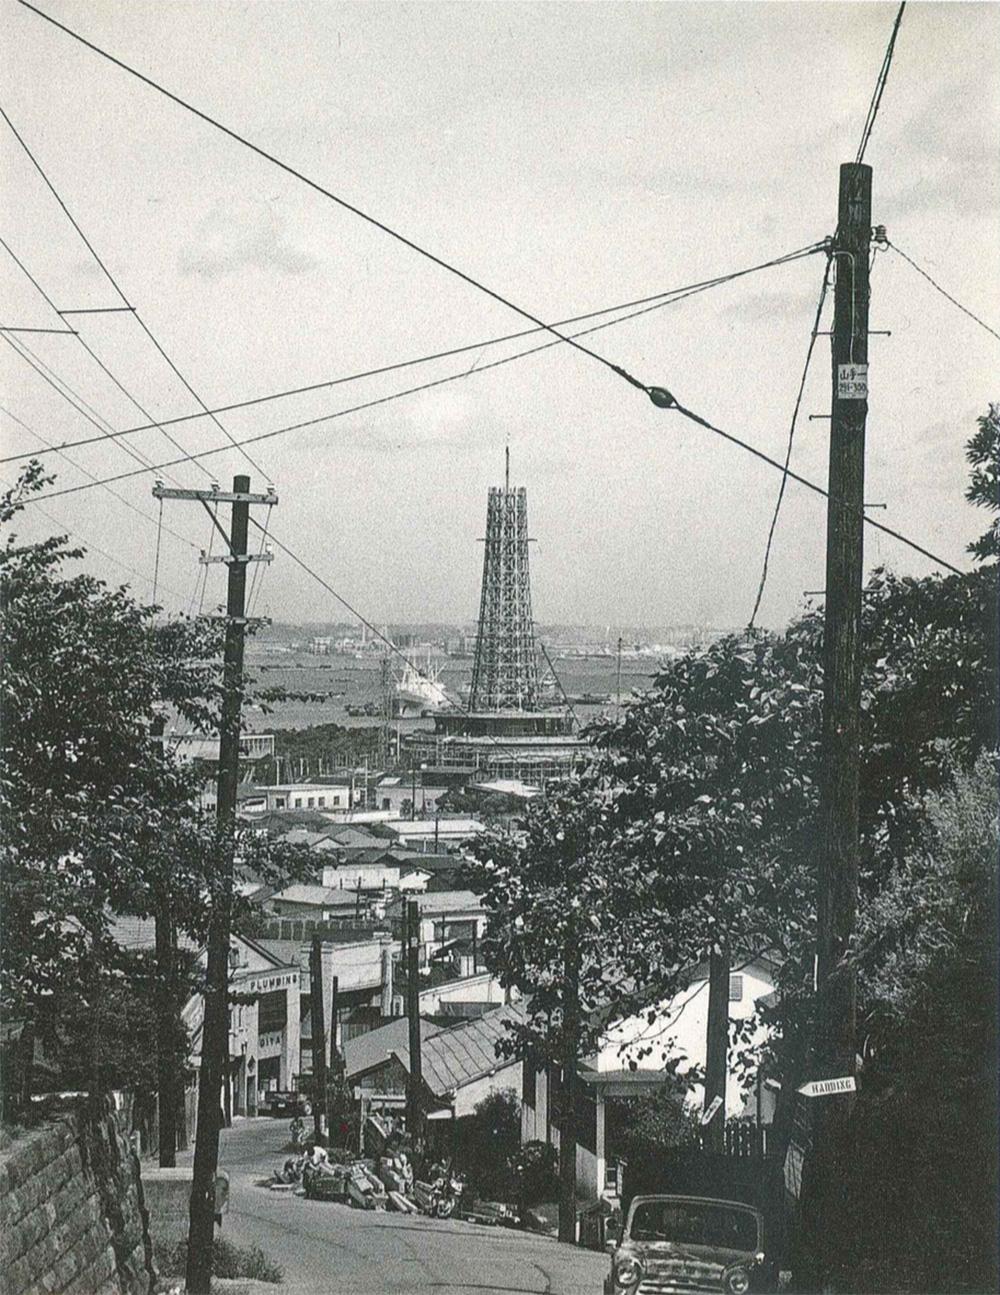 建設中のマリンタワー(横浜市史資料室所蔵・横浜市各課文書)